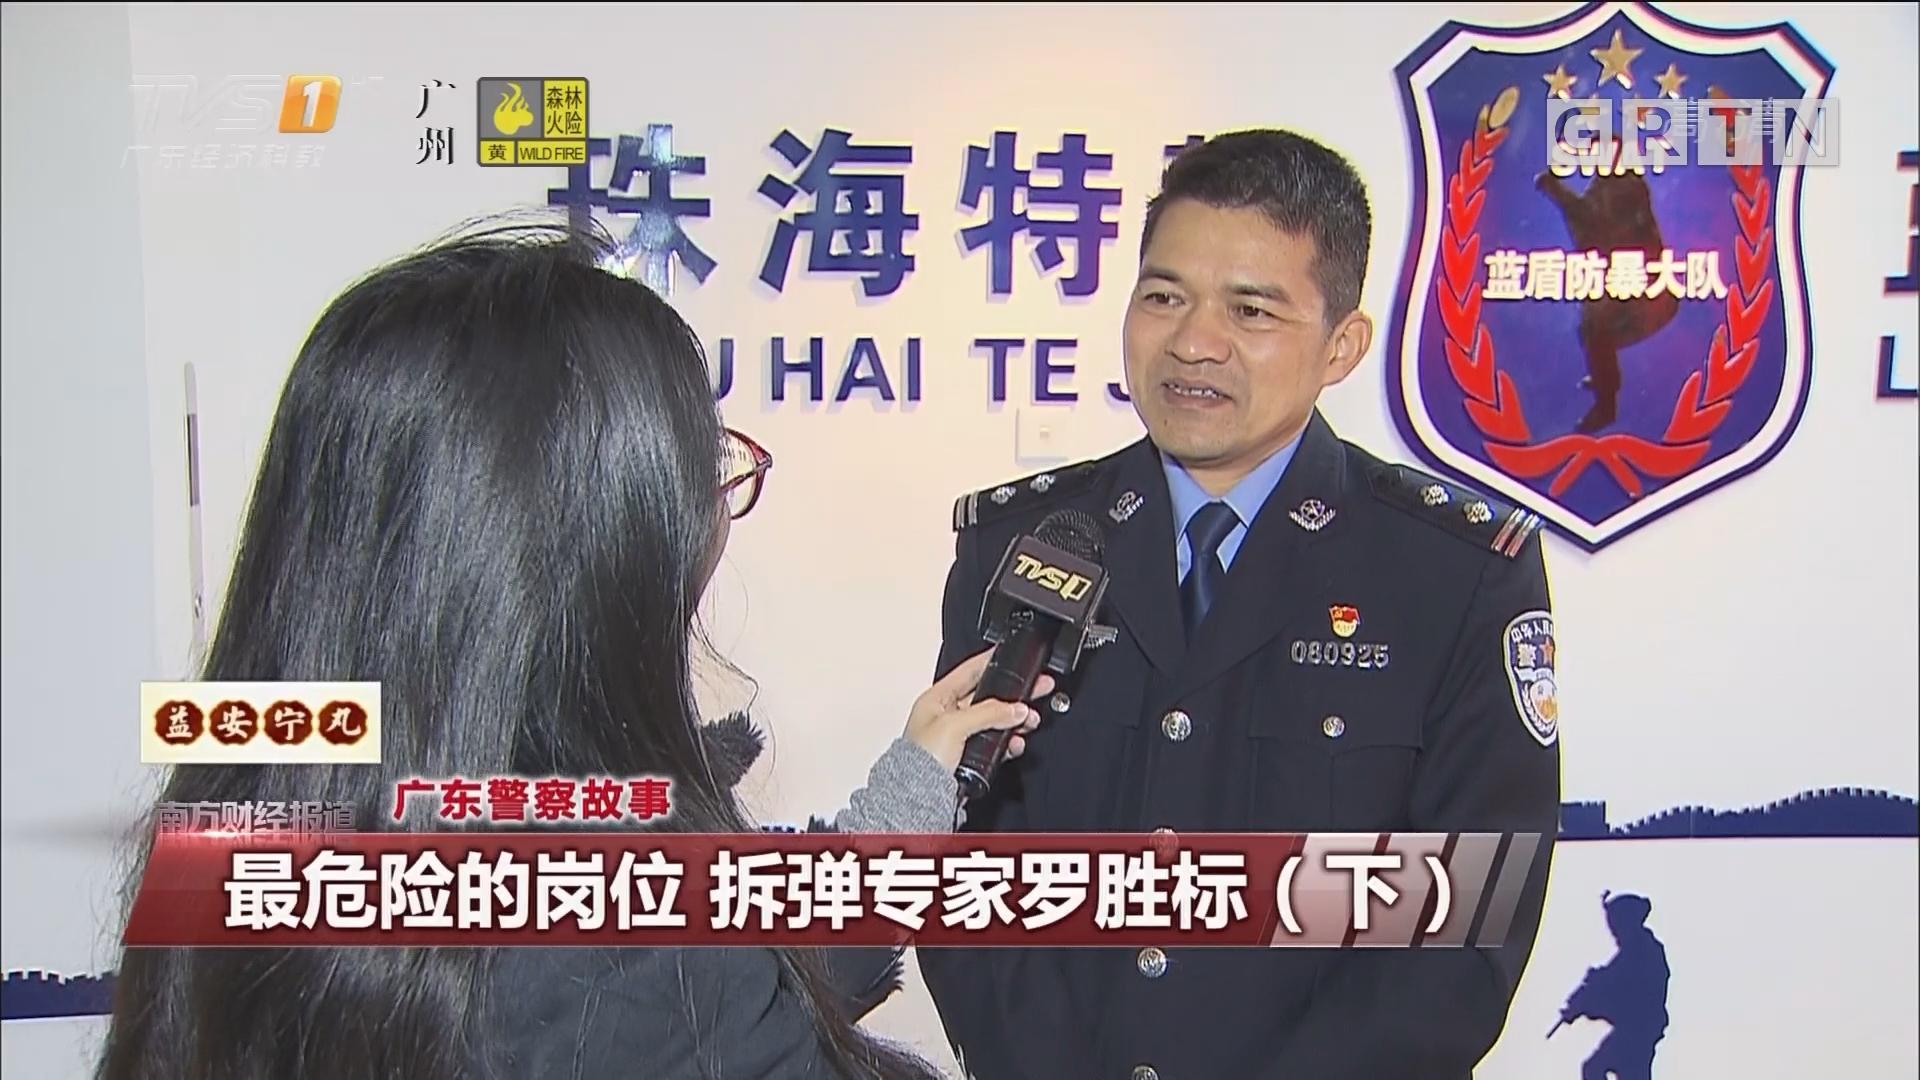 广东警察故事:最危险的岗位 拆弹专家罗胜标(下)